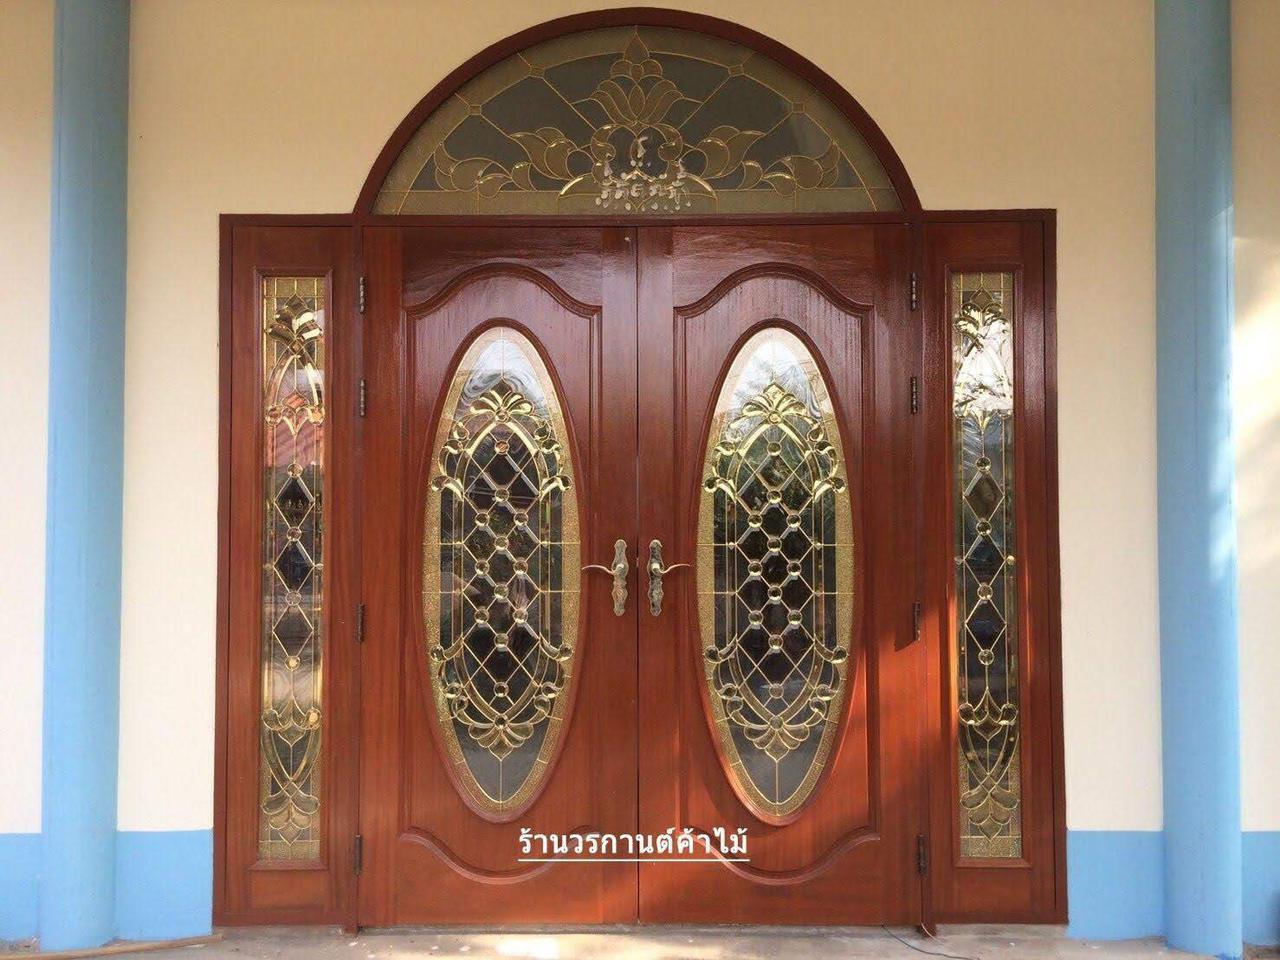 ประตูไม้สักบานเลื่อน ประตูไม้สักกระจกนิรภัย รูปที่ 2